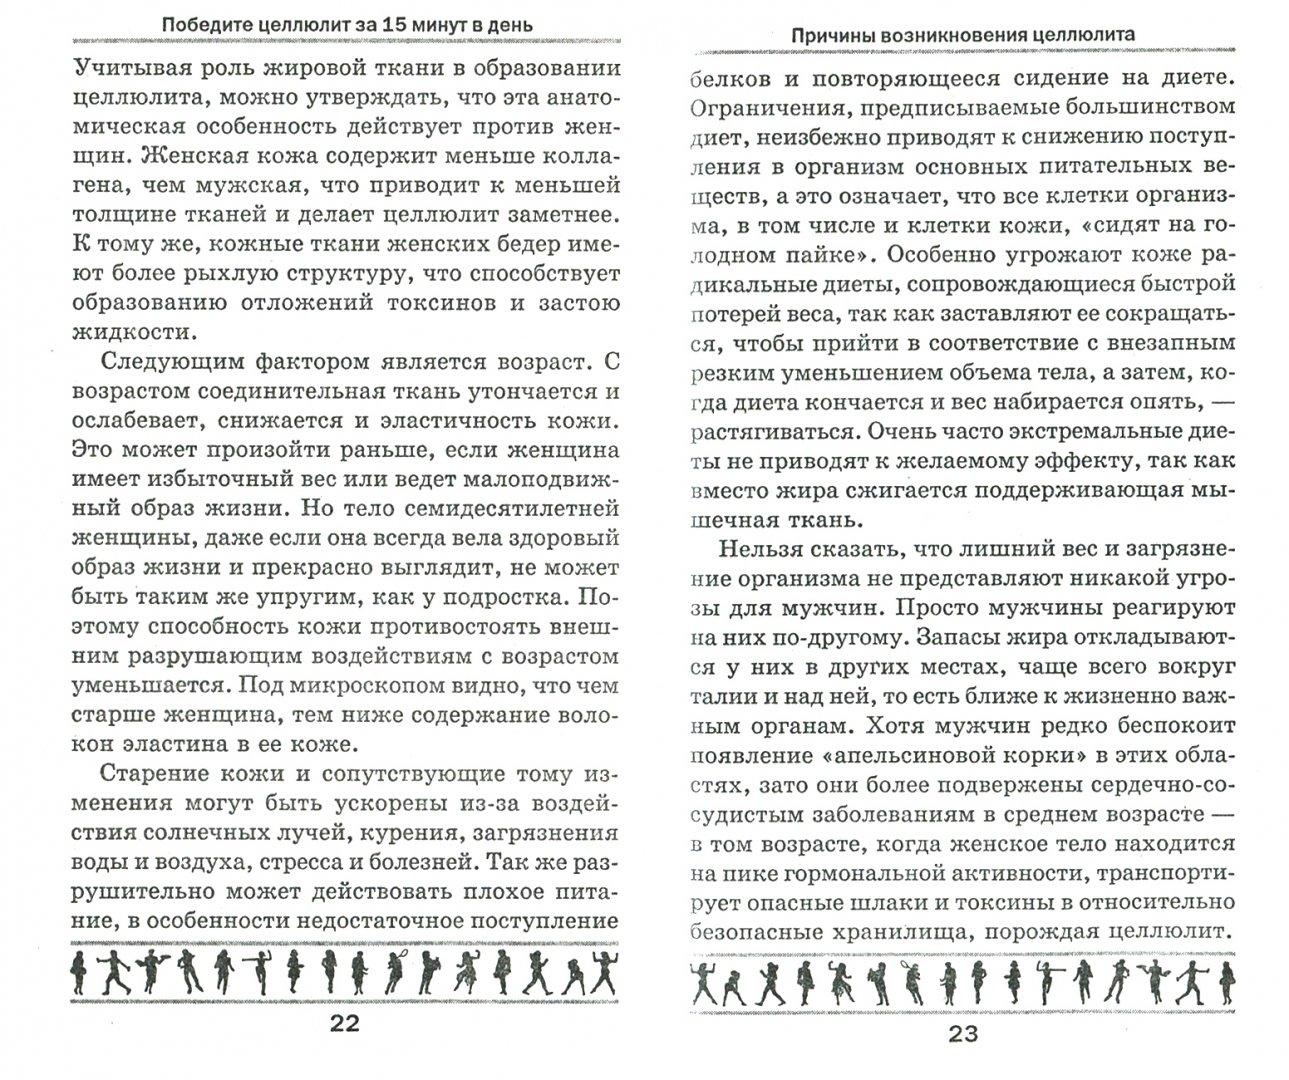 Иллюстрация 1 из 12 для Целлюлит - это не моя проблема! - Лиз Эрл | Лабиринт - книги. Источник: Лабиринт